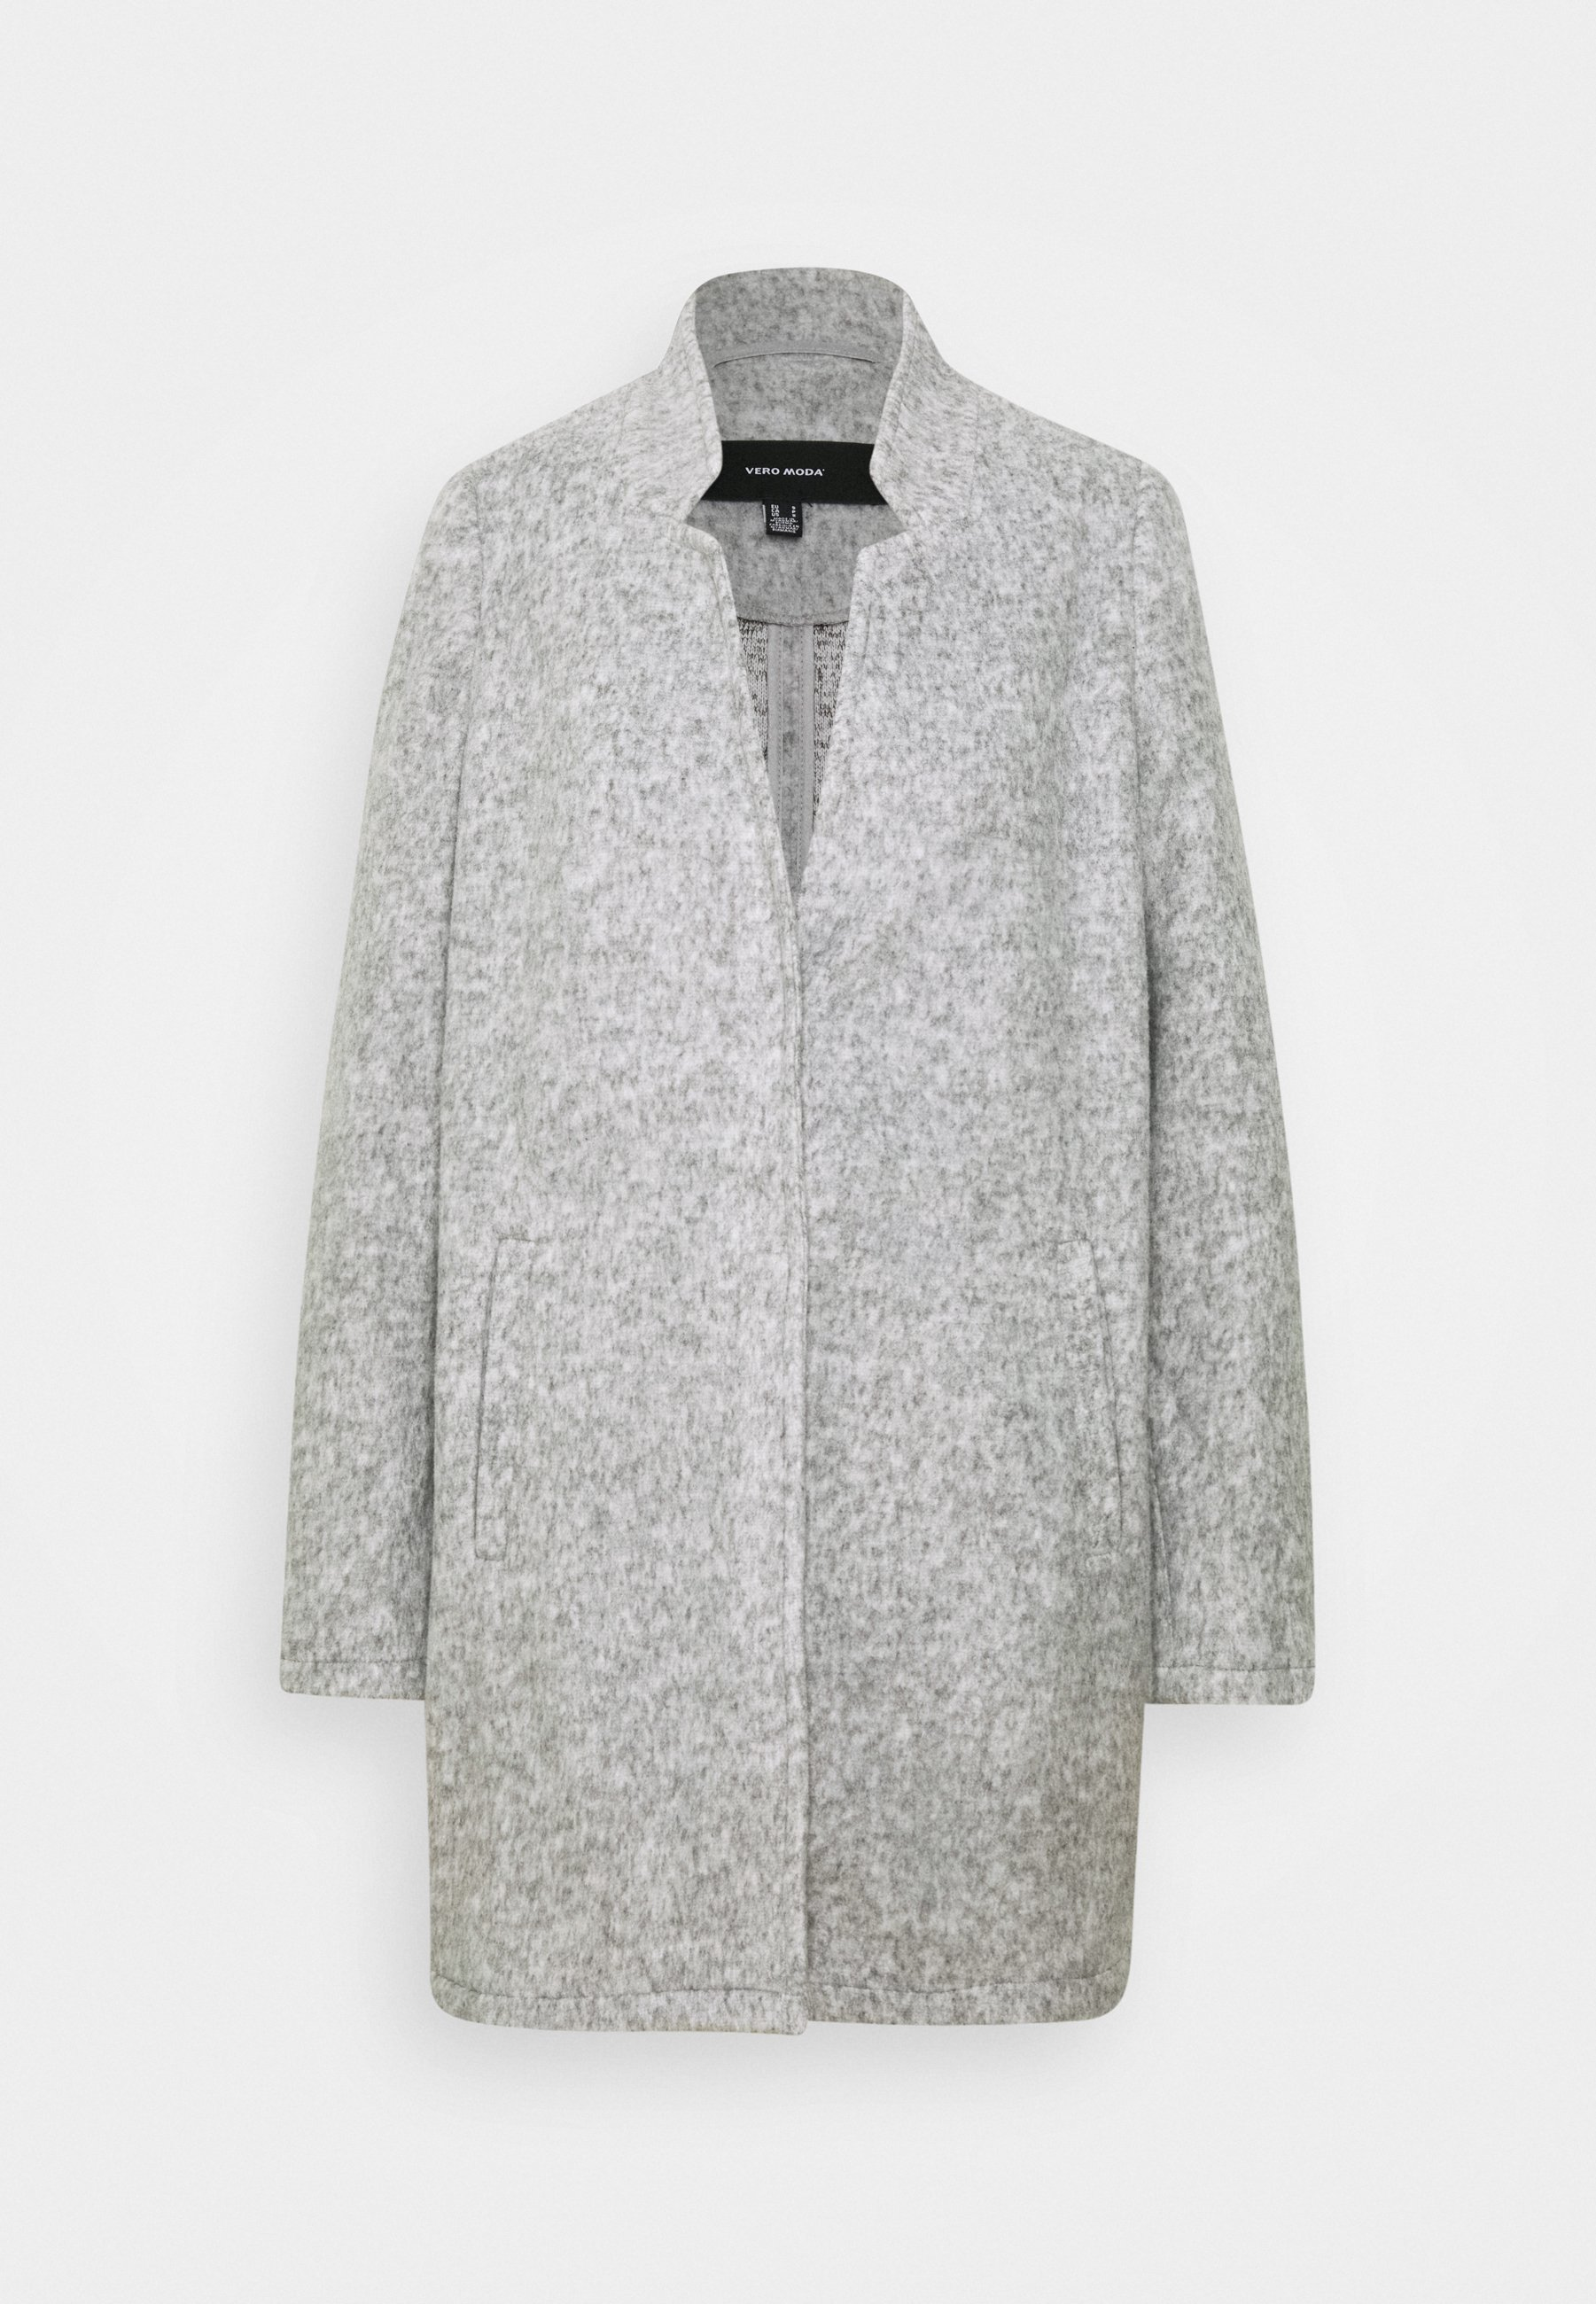 köp jackor kappor soft grey skinnjacka beige för dam på på